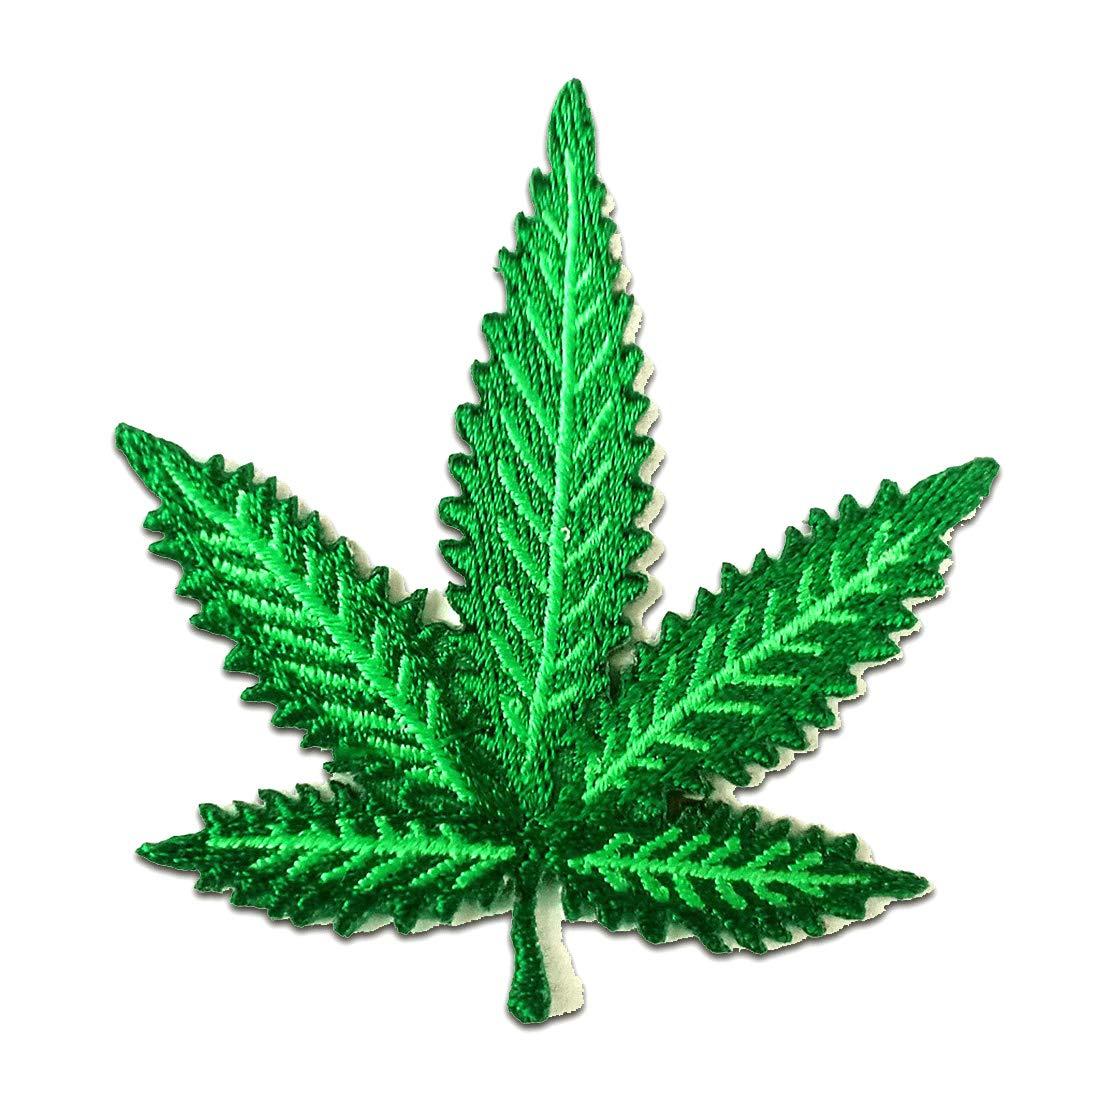 Marijuana Cannabis Weed Pro Legalizzazione Hippie Patch '8.5 x 8.7 cm' - Toppa Patches Toppa Toppa Termoadesiva Toppa Termoadesiva Per Stoffa Ricamato Toppa Embroidered Patch Applicazioni Applique Catch The Patch catch-the-patch